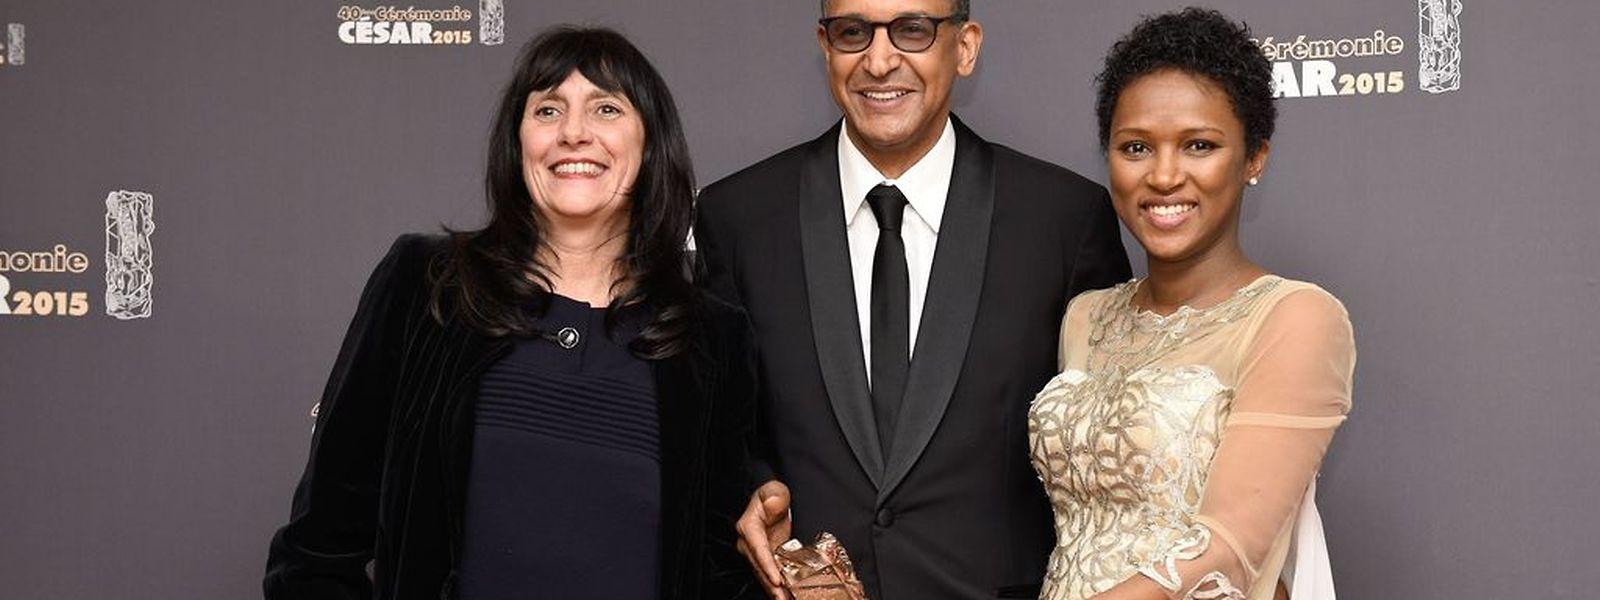 """Die französische Produzentin von """"Timbuktu"""" Sylvie Pialat, der mauritanische Regisseur Abderrahmane Sissako und die Drehbuchautorin Kessen Tall freuen sich über ihre Trophäe."""